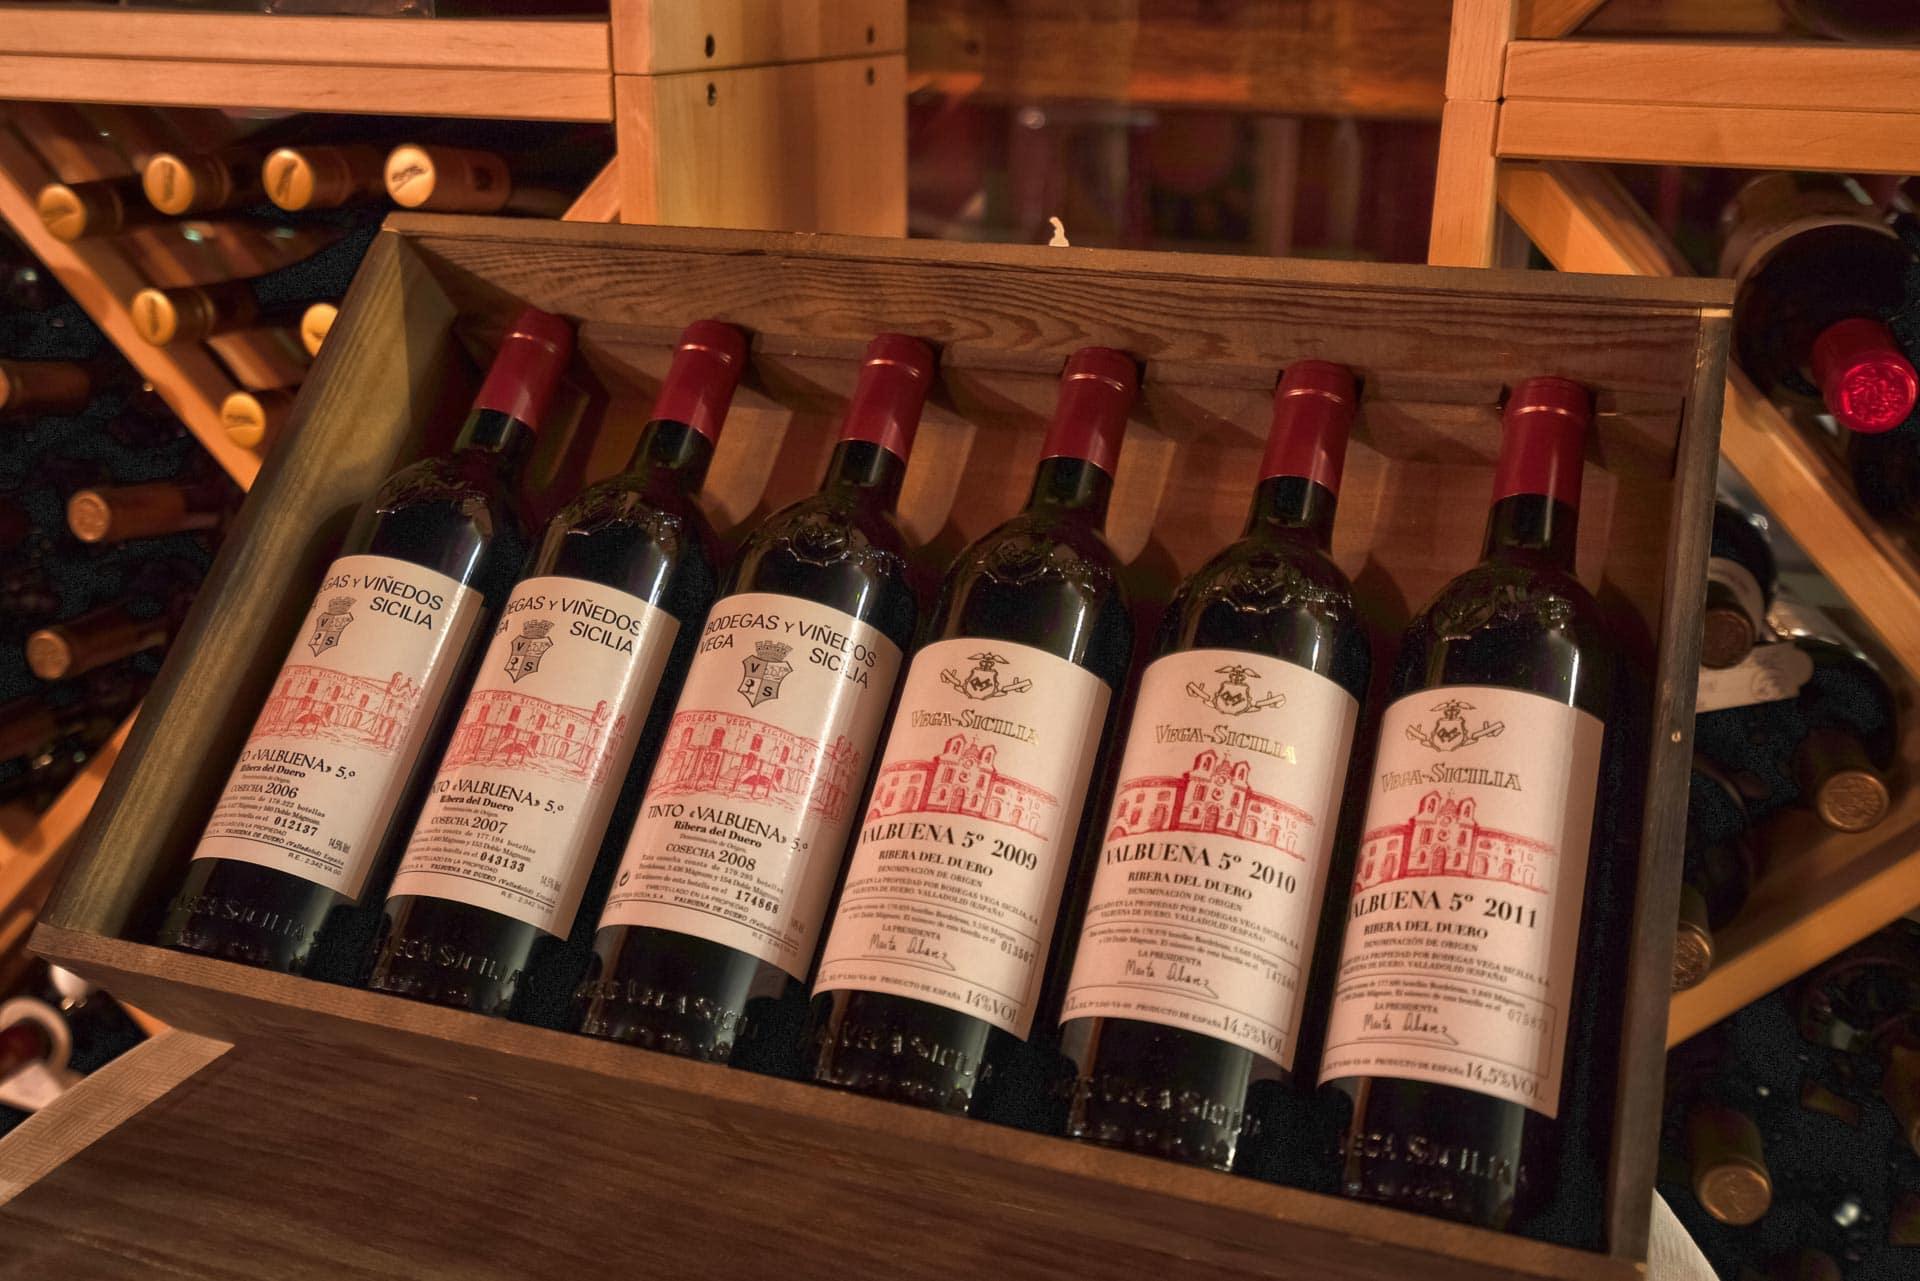 En rekke dyre viner i ei kasse